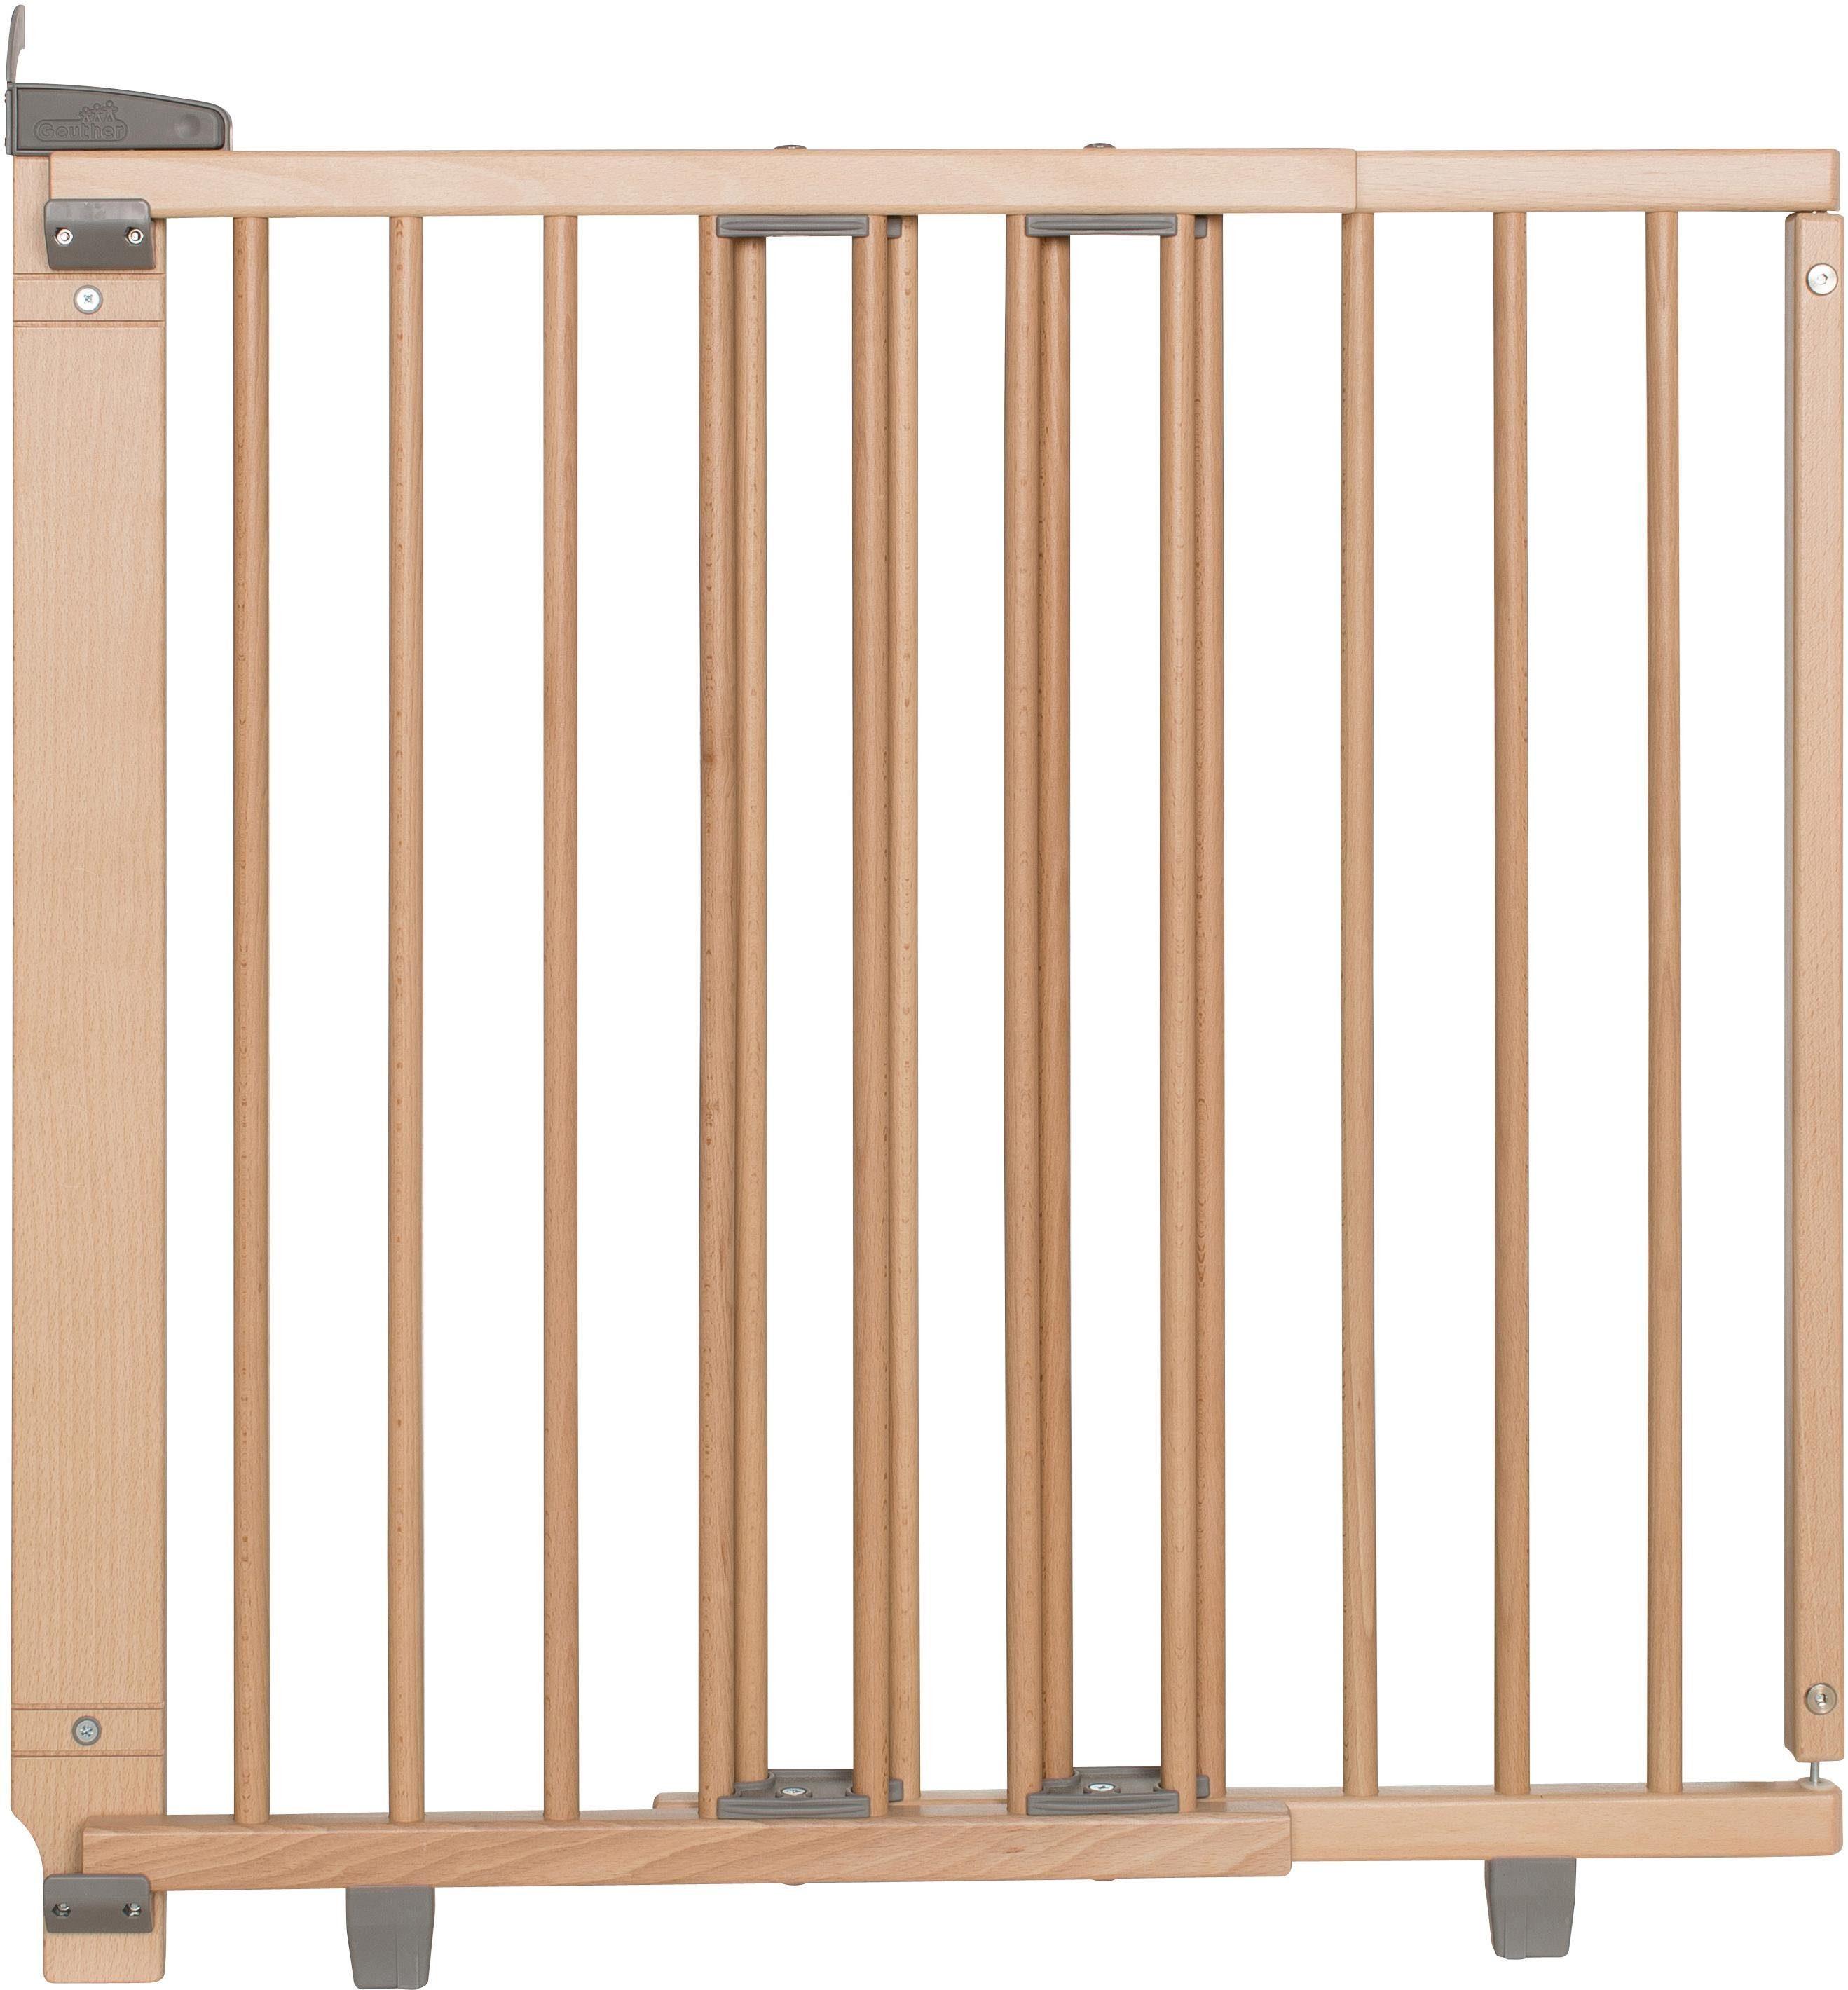 Neu Geuther Zusatzklemmen für Treppenschutzgitter weiß lackiert Buche massiv